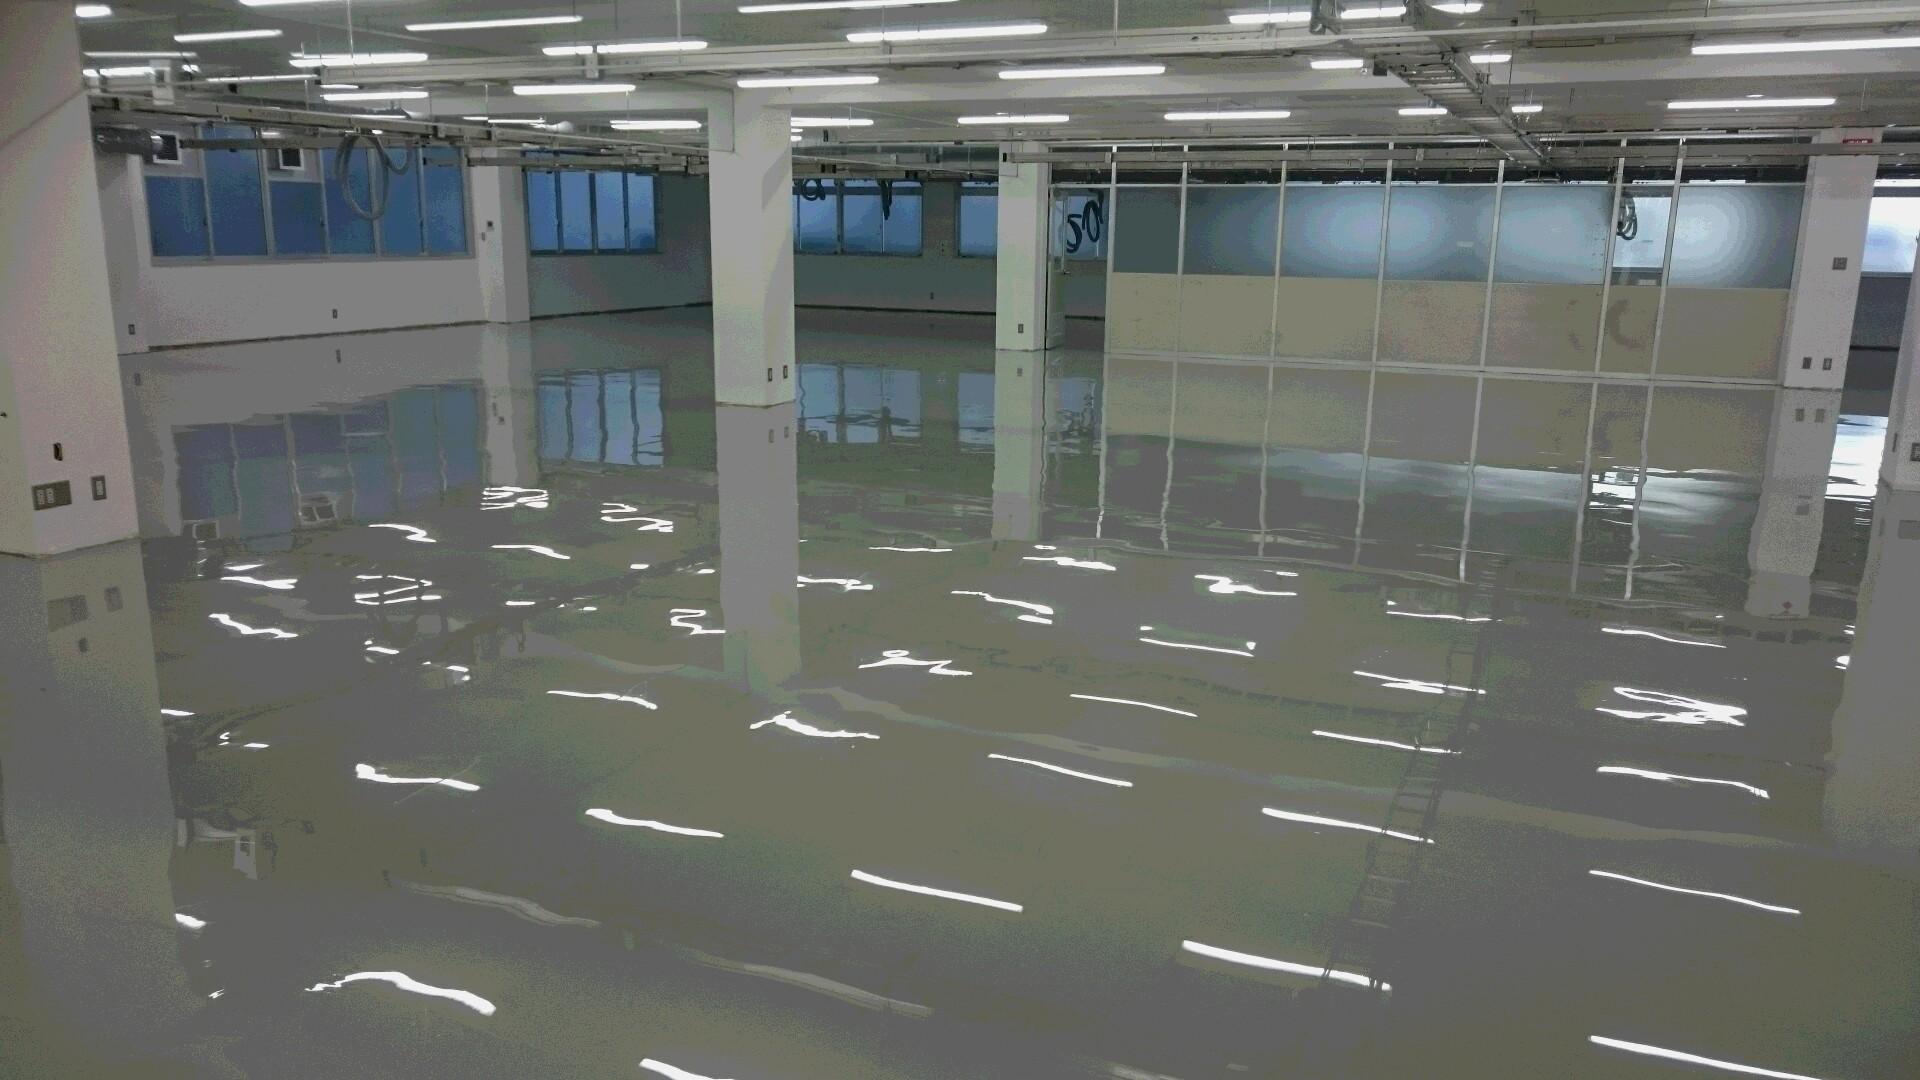 マイクロトラックベル 株式会社 南港事務所(大阪府)